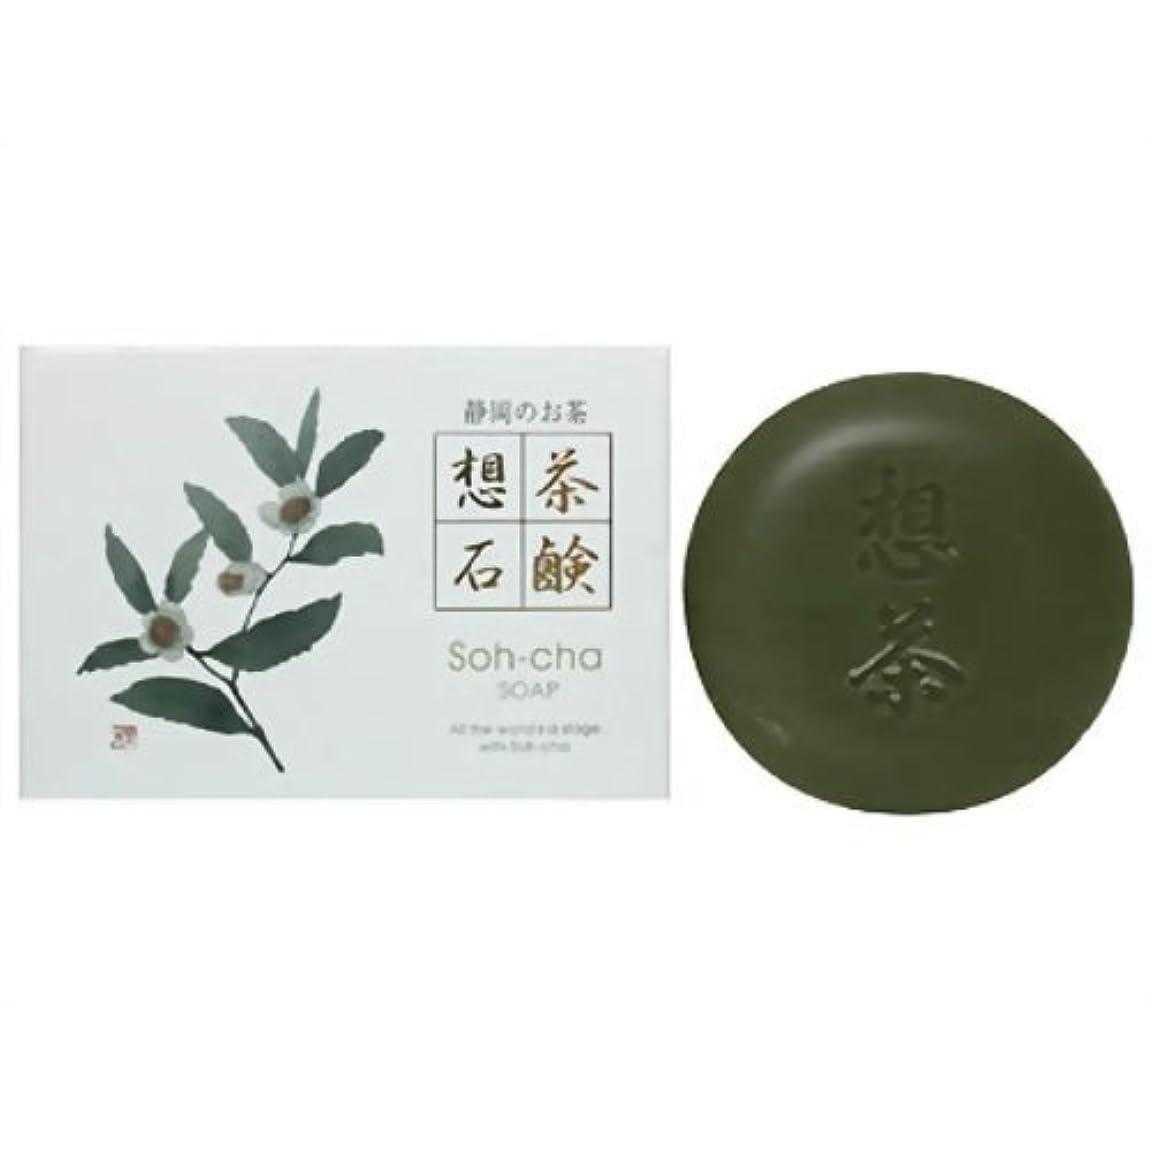 クリーク単なるハント静岡茶粉末入 想茶石鹸